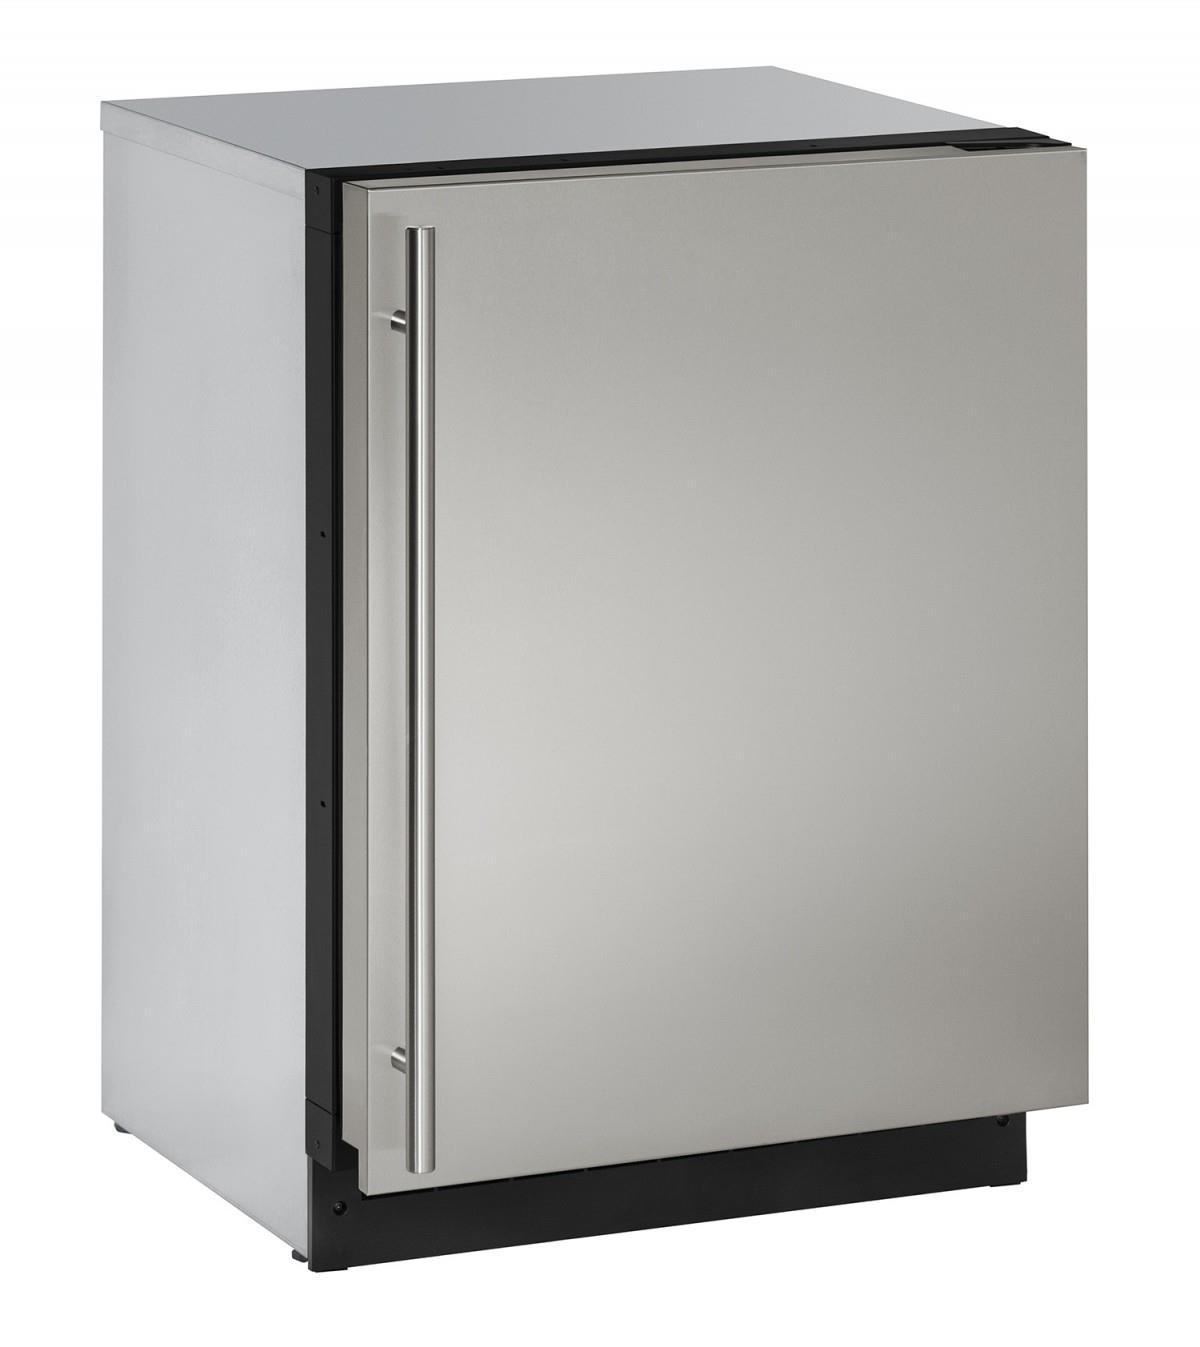 U-Line Refrigerators 4.9 Cu. Ft. 2000 Series Compact Refrigerator - Item Number: U-2224RS-00A